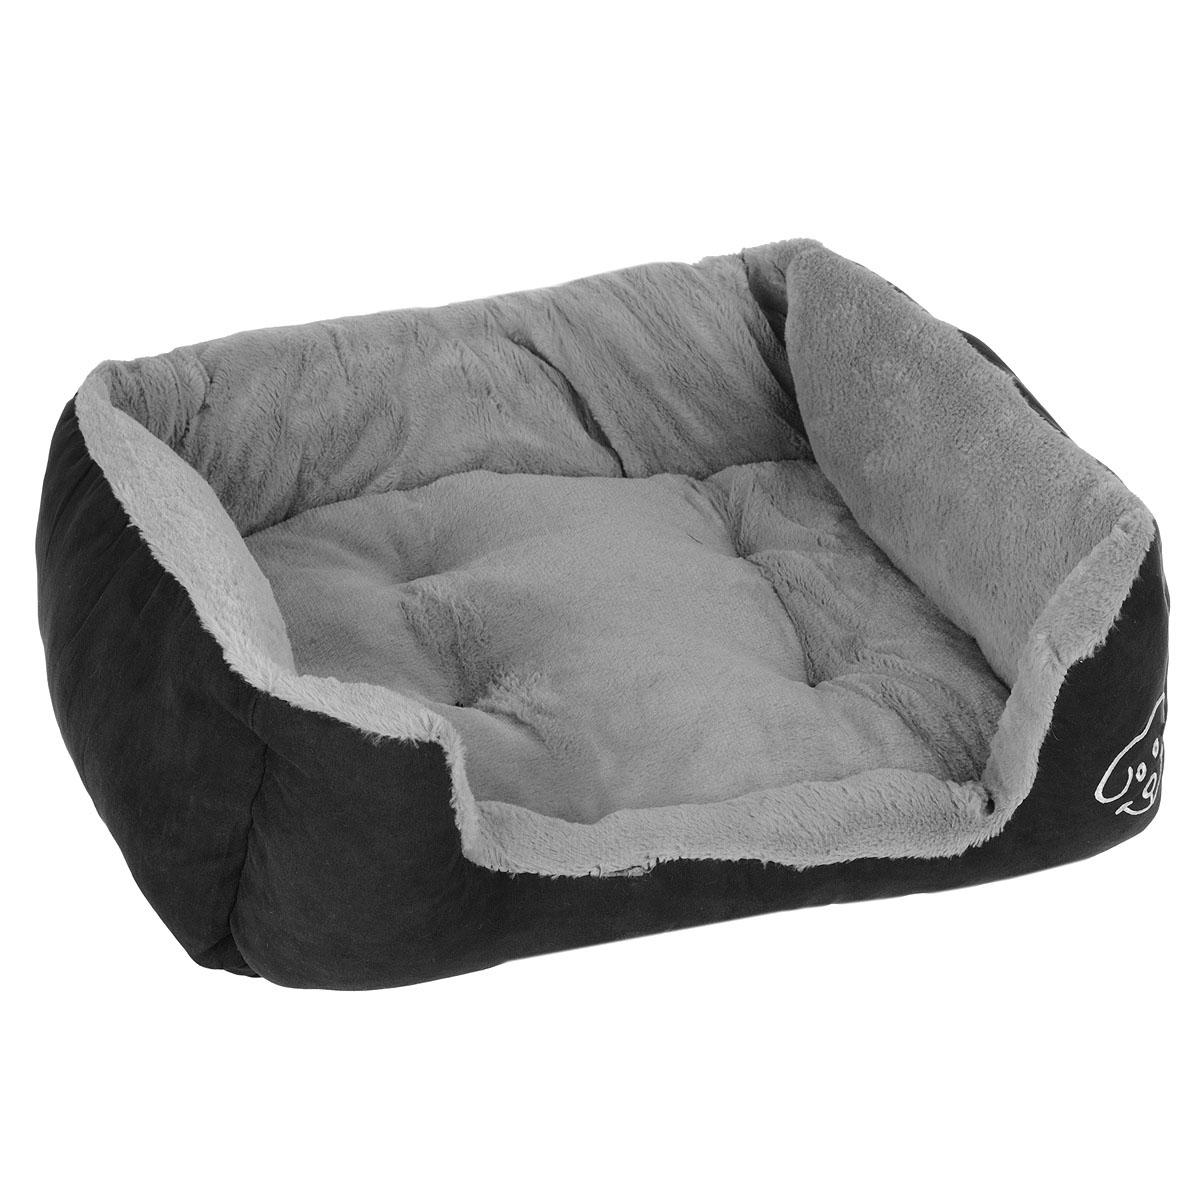 Лежак для собак I.P.T.S.  Doomba , 55 см х 50 см х 20 см - Лежаки, домики, спальные места